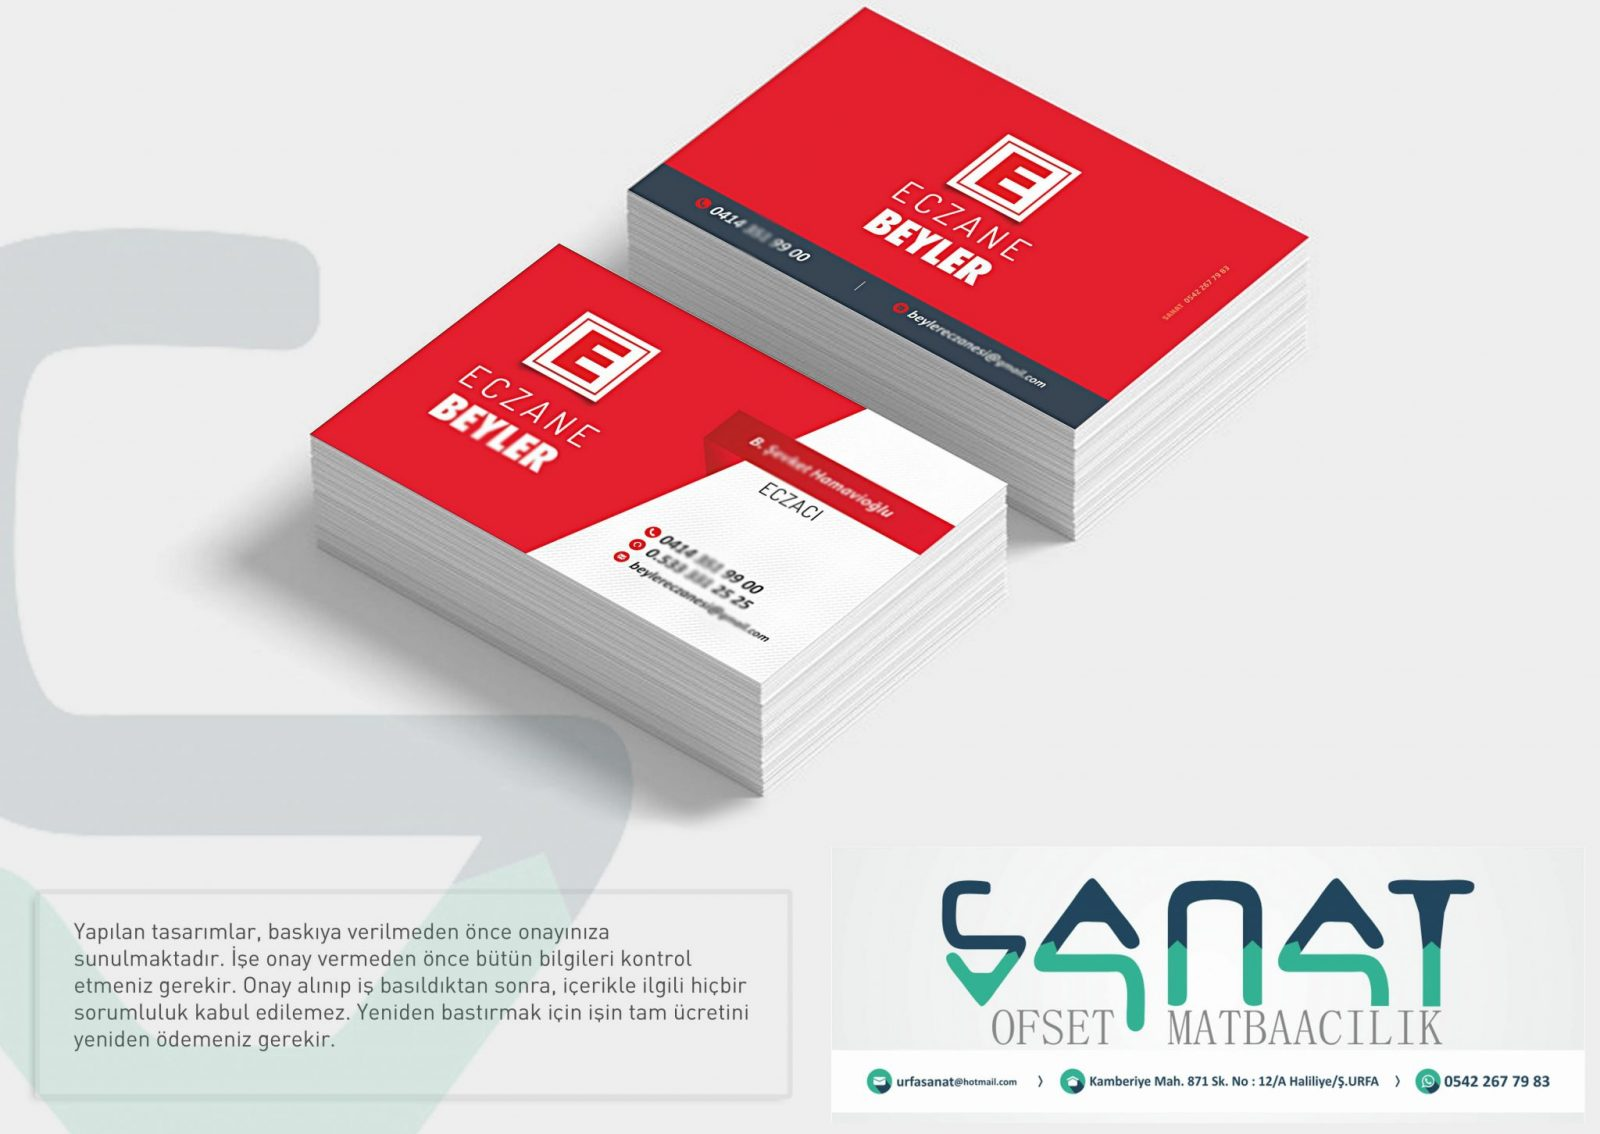 Eczane Kartvizit eczacı kartı urfa kartvizit urfada matbaa urfa matbaacı eczane tasarım kart Kartvizit Urfada özel Kalın Kart Ucuz Kartvizit